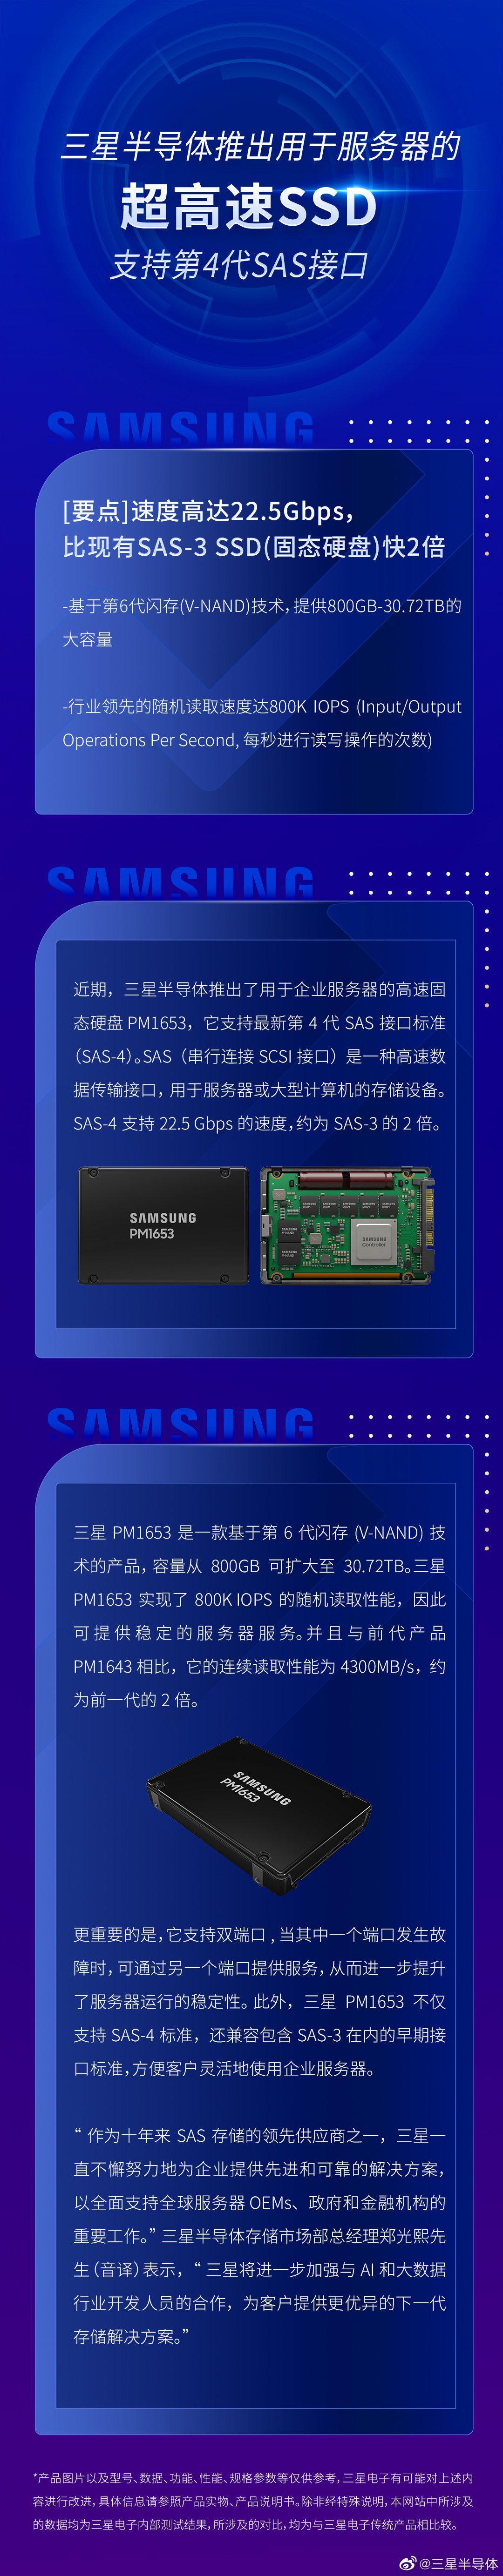 三星推出超高速SSD PM1653,支持第4代SAS接口